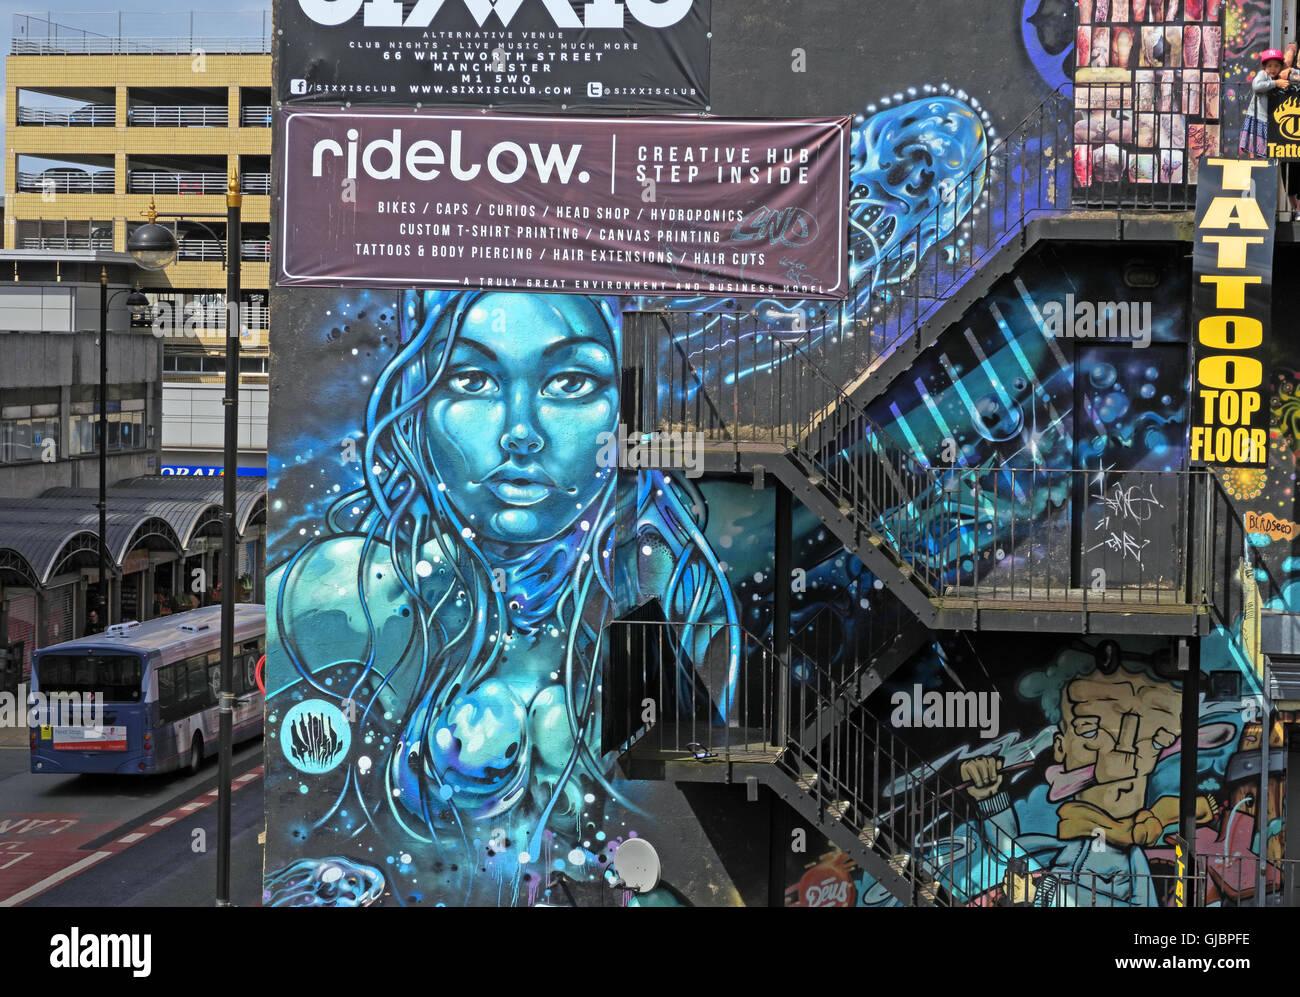 Laden Sie dieses Alamy Stockfoto Nördlichen Viertel Graffiti, Kirche St, Manchester, Lancashire, England, UK - GJBPFE